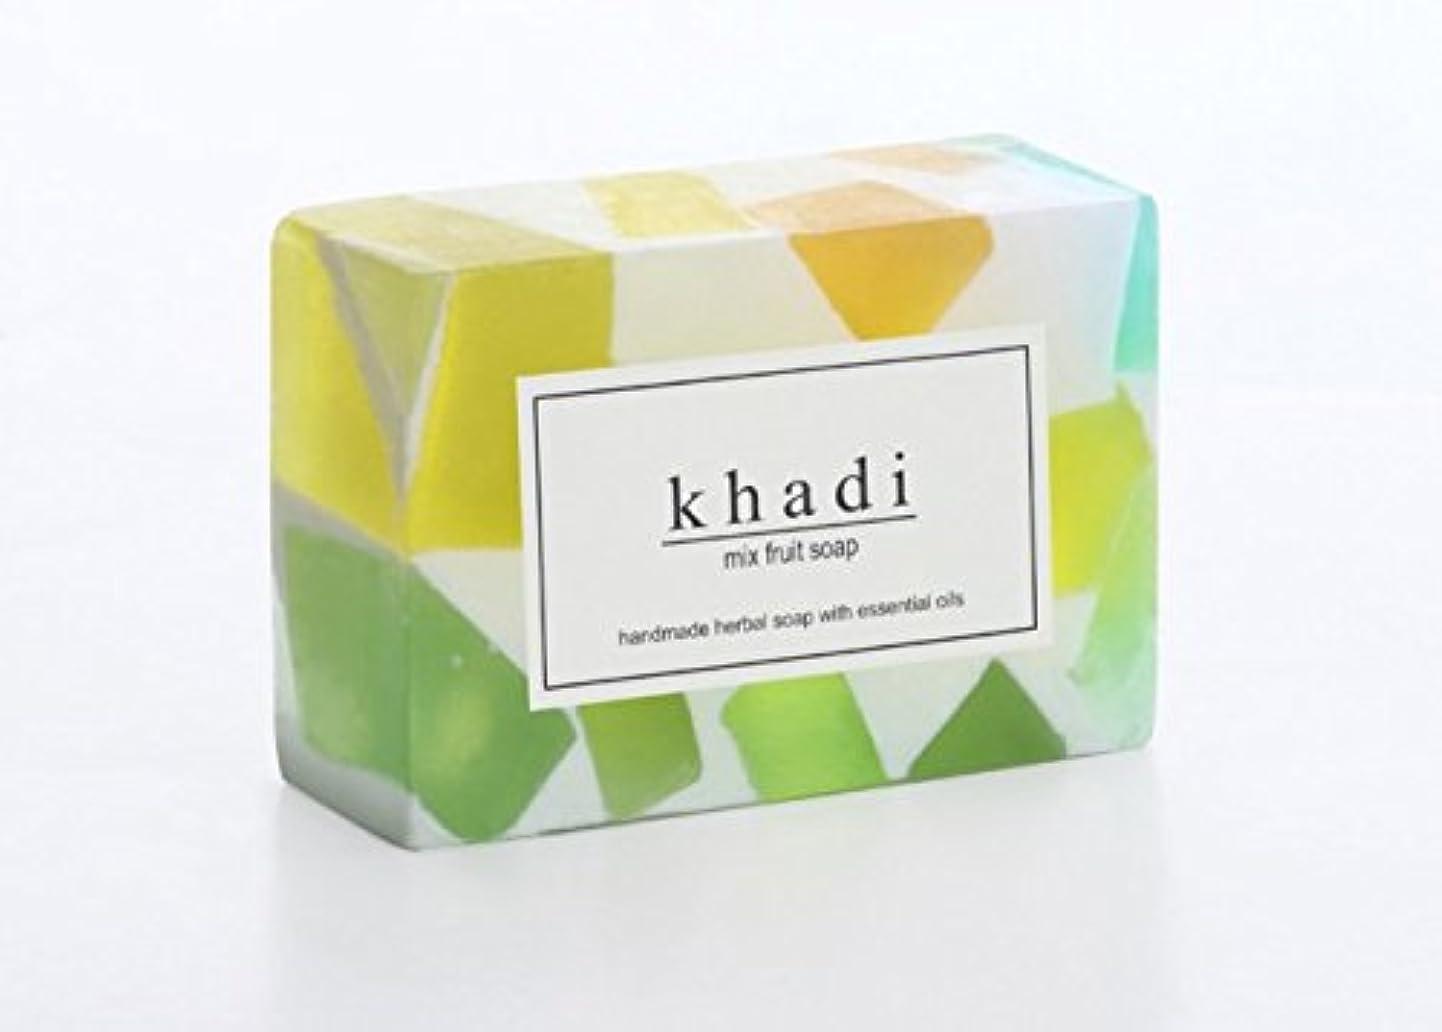 存在海里ジョイントKhadi Natural Mix Fruit Soup(ミックスフルーツ石鹸)125g 6個セット [並行輸入品]